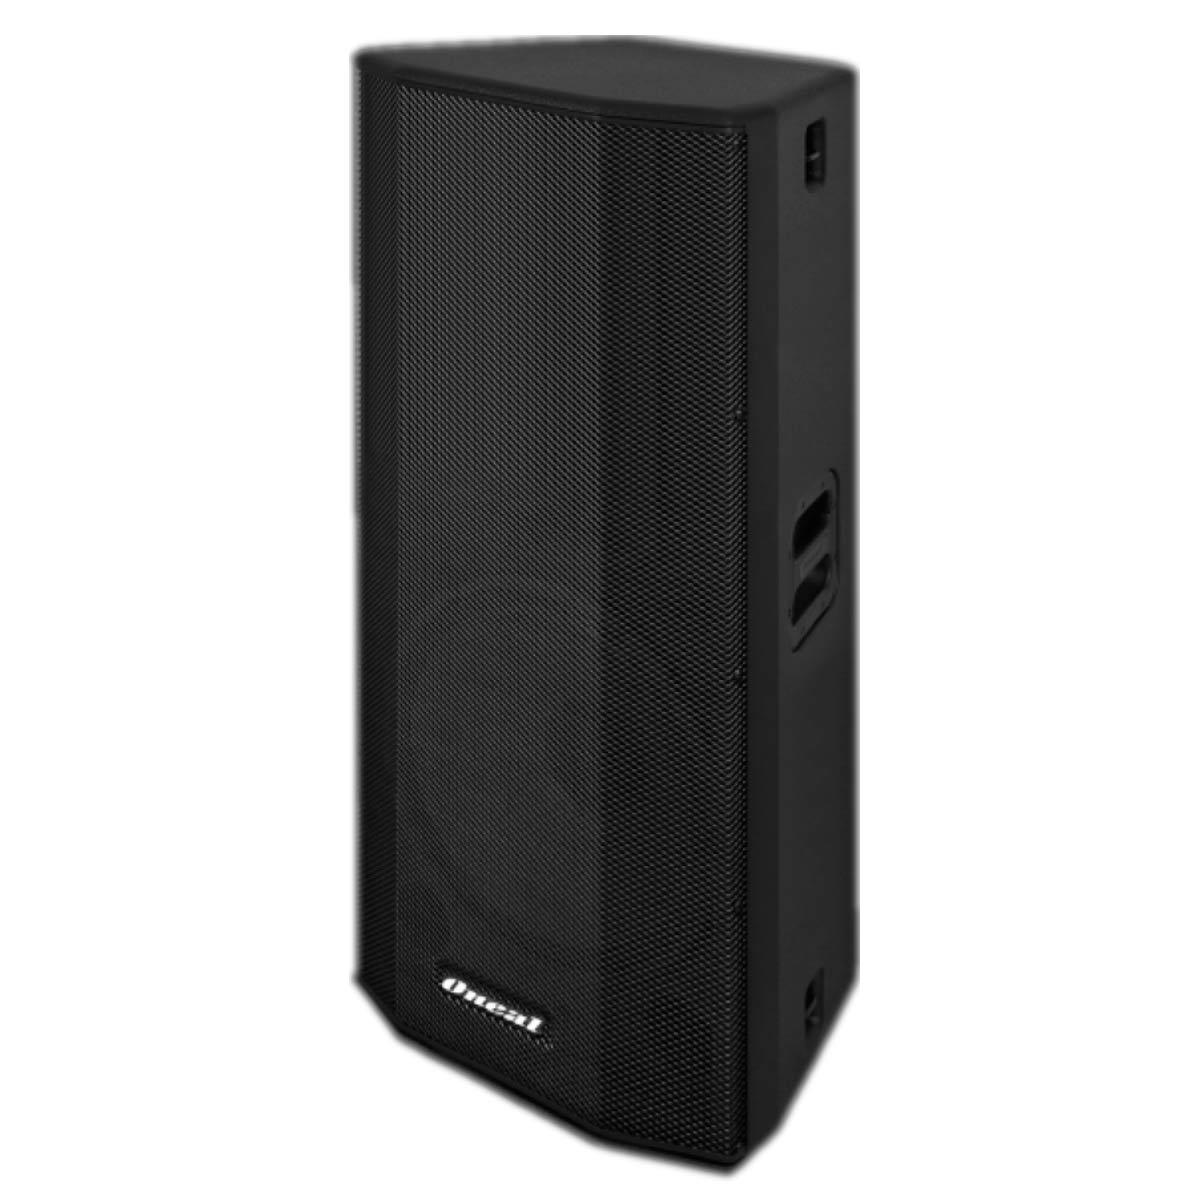 Caixa Acústica Oneal Ativa 650 W Rms Opb5050bt